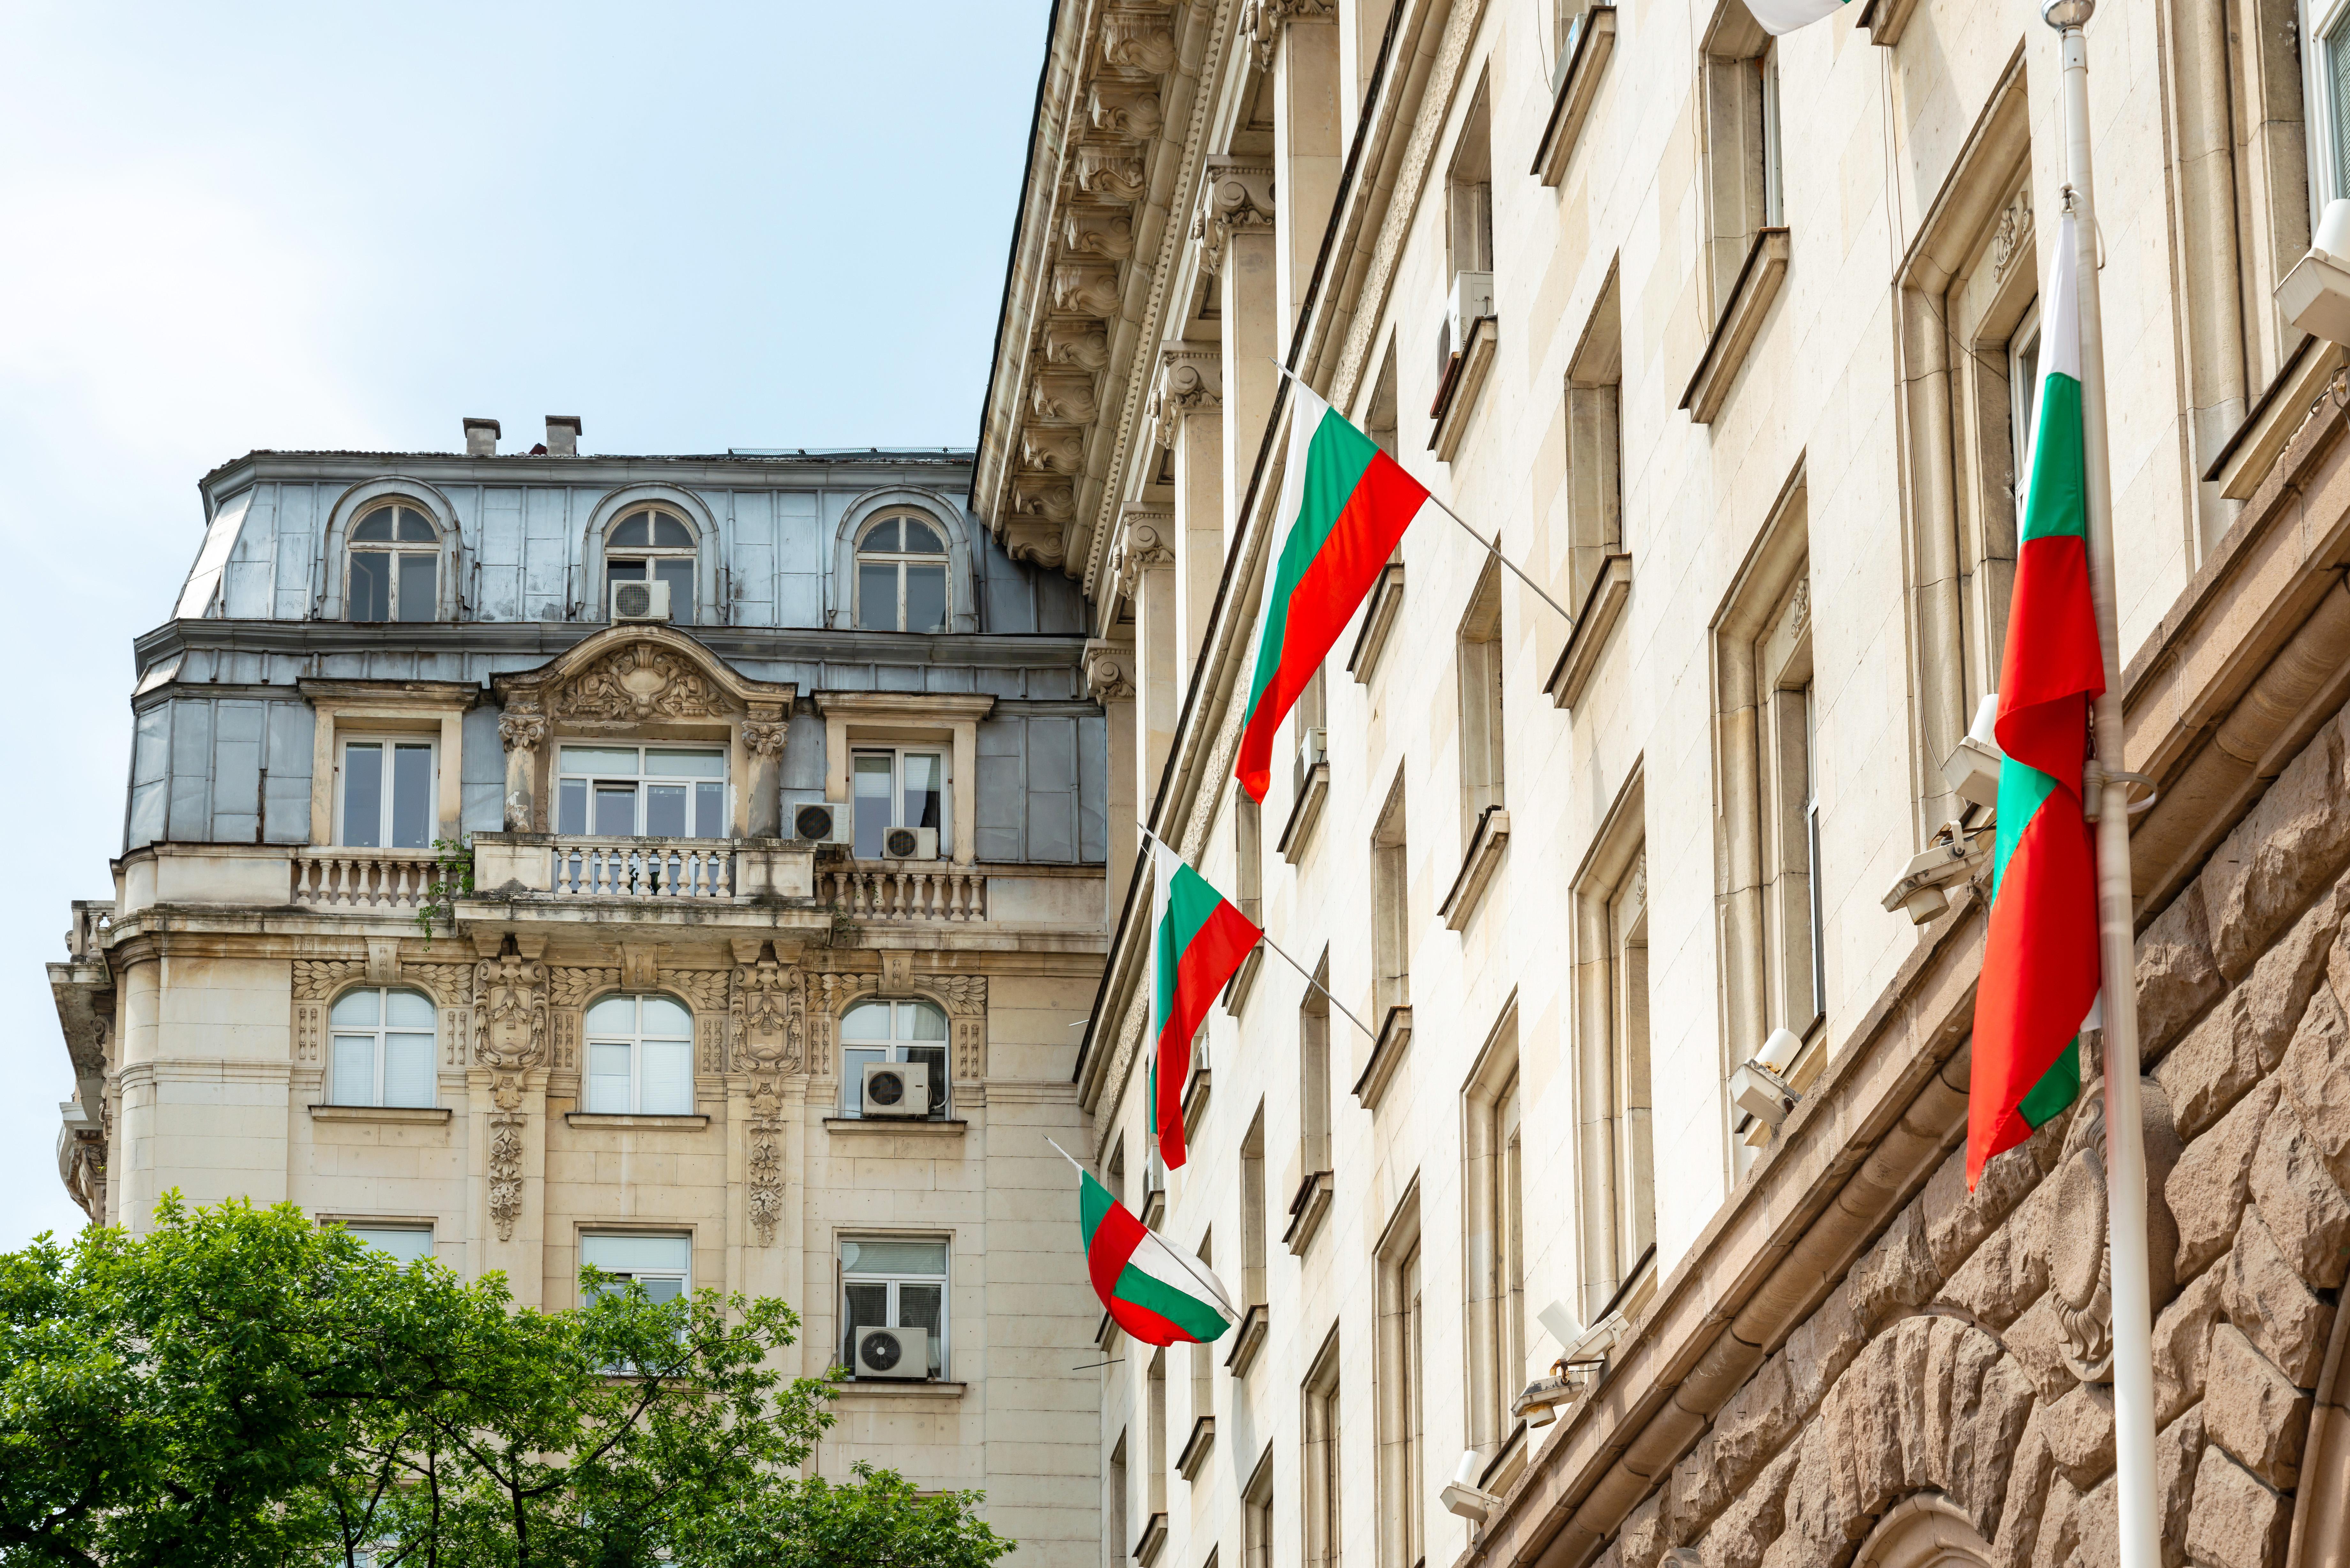 Здание с флагами Болгарии как символ получения гражданства Болгарии